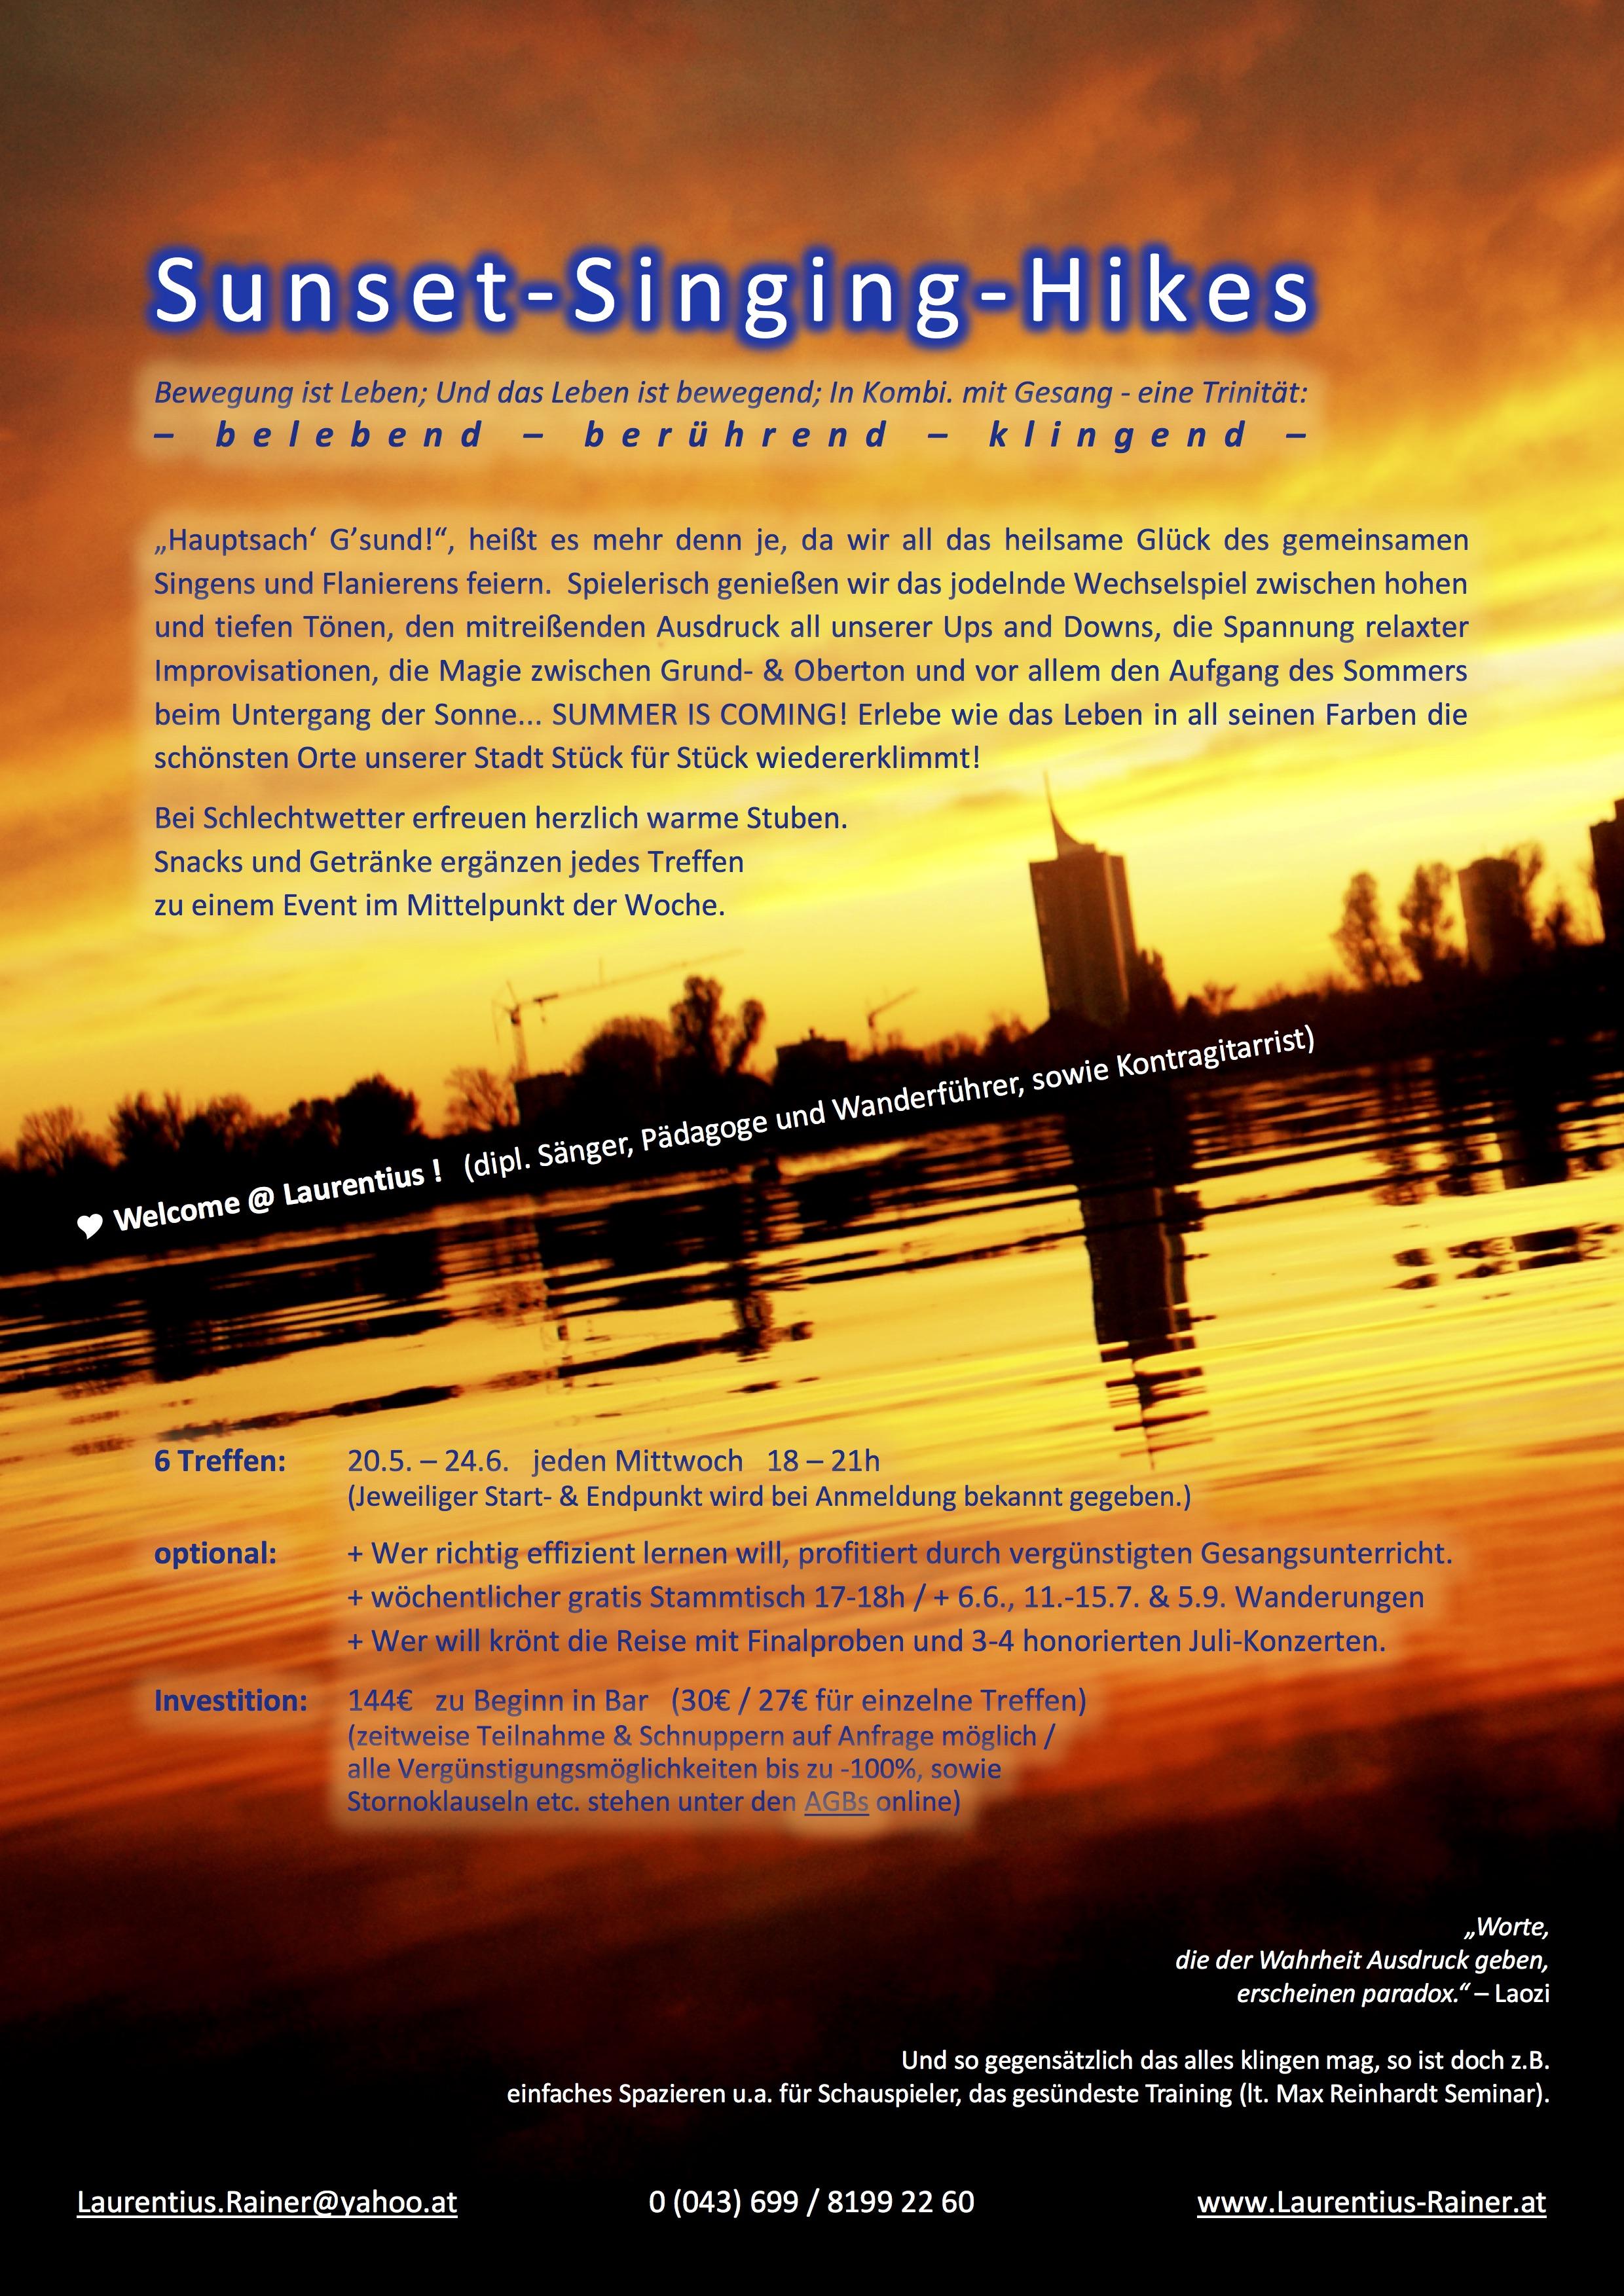 Gesangskurs Sunset-Singing-Hikes 2020